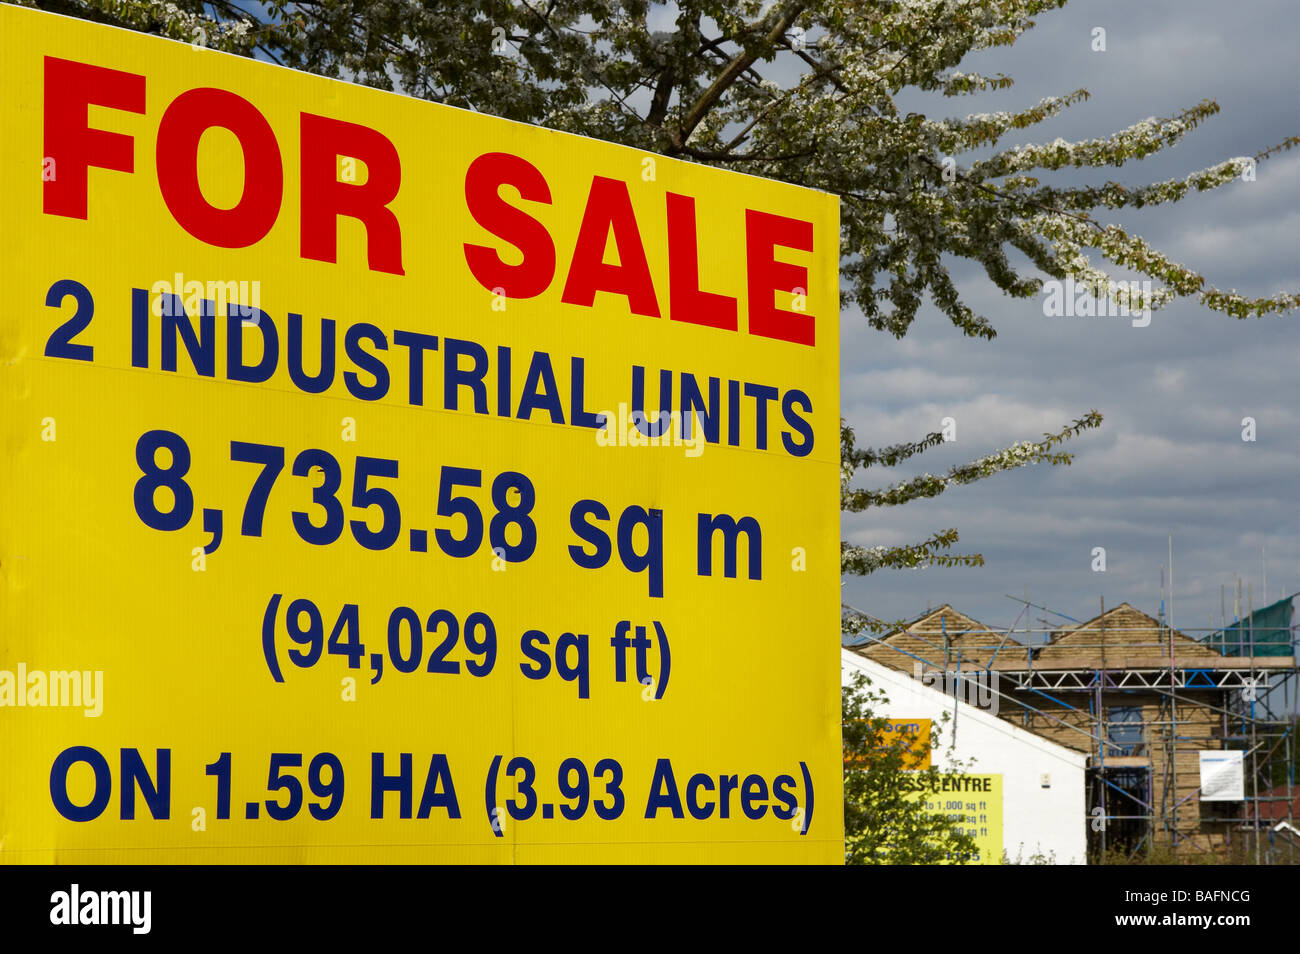 Unité de propriété INDUSTRIEL COMMERCIAL FOR SALE SIGN Photo Stock